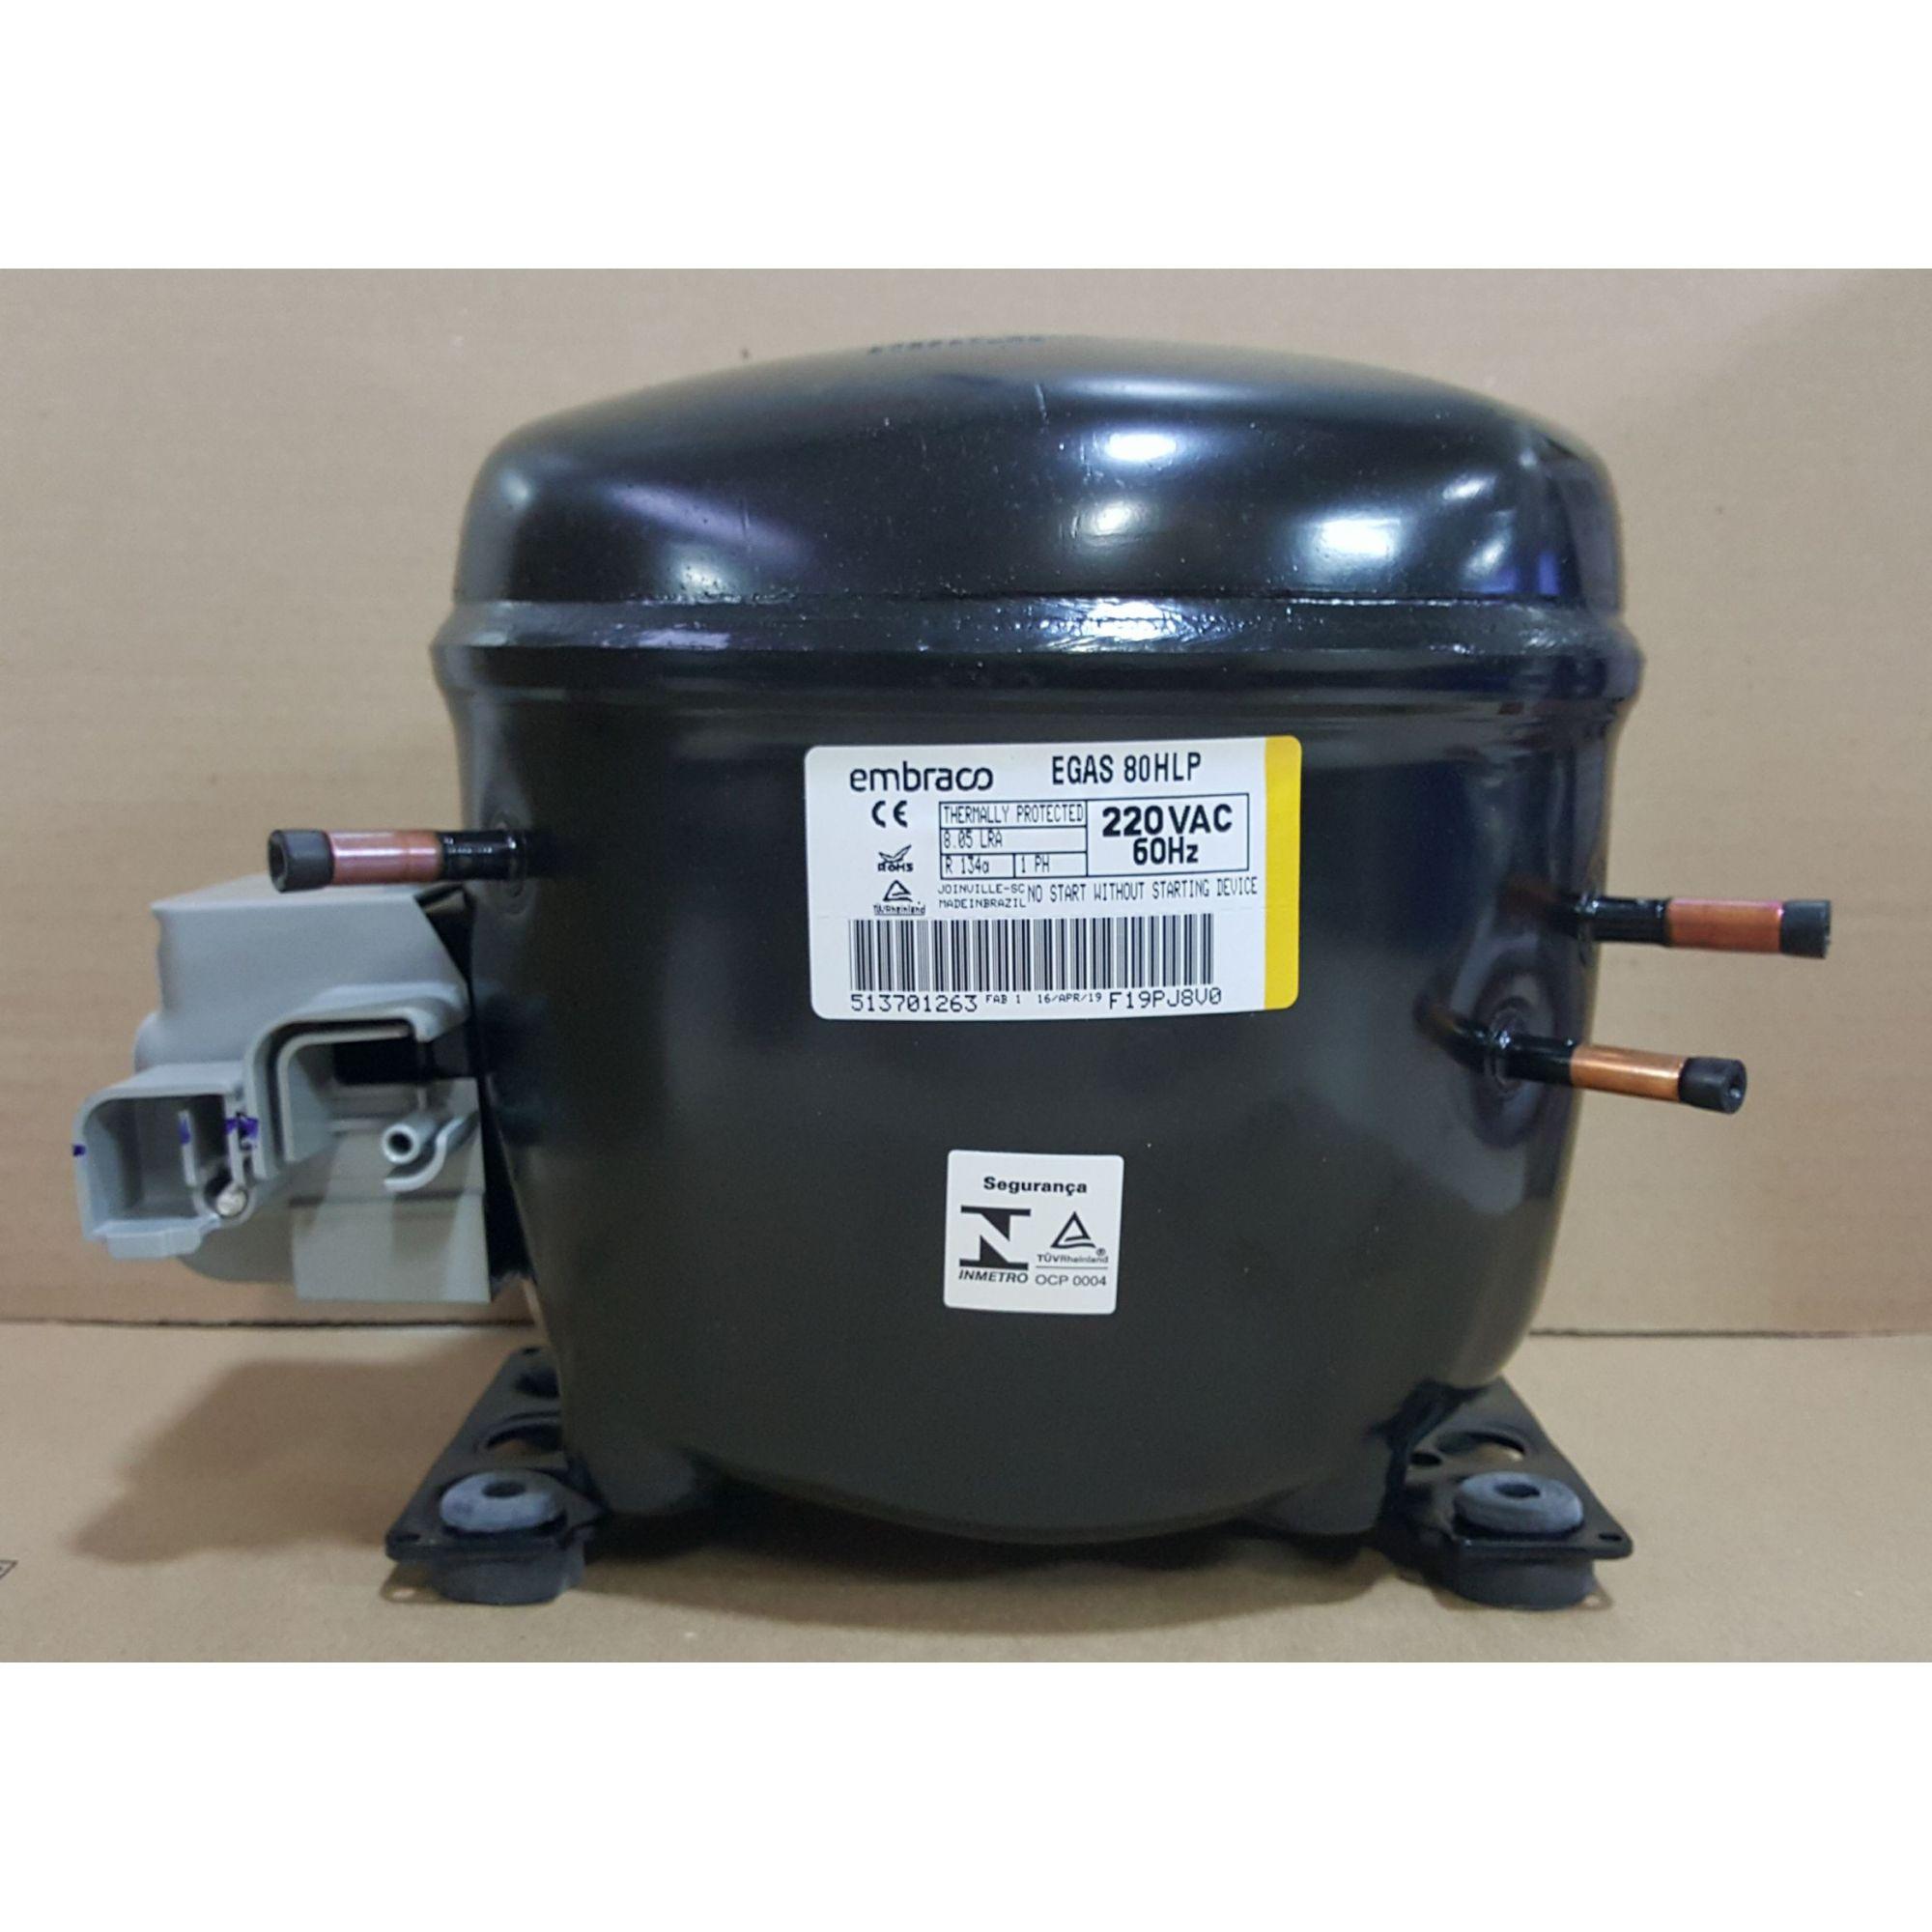 MOTOR PARA GELADEIRA E FREEZER ELECTROLUX - COMPRESSOR EMBRACO 1/4+ HP - EGAS 80HLP - R-134a (220v)